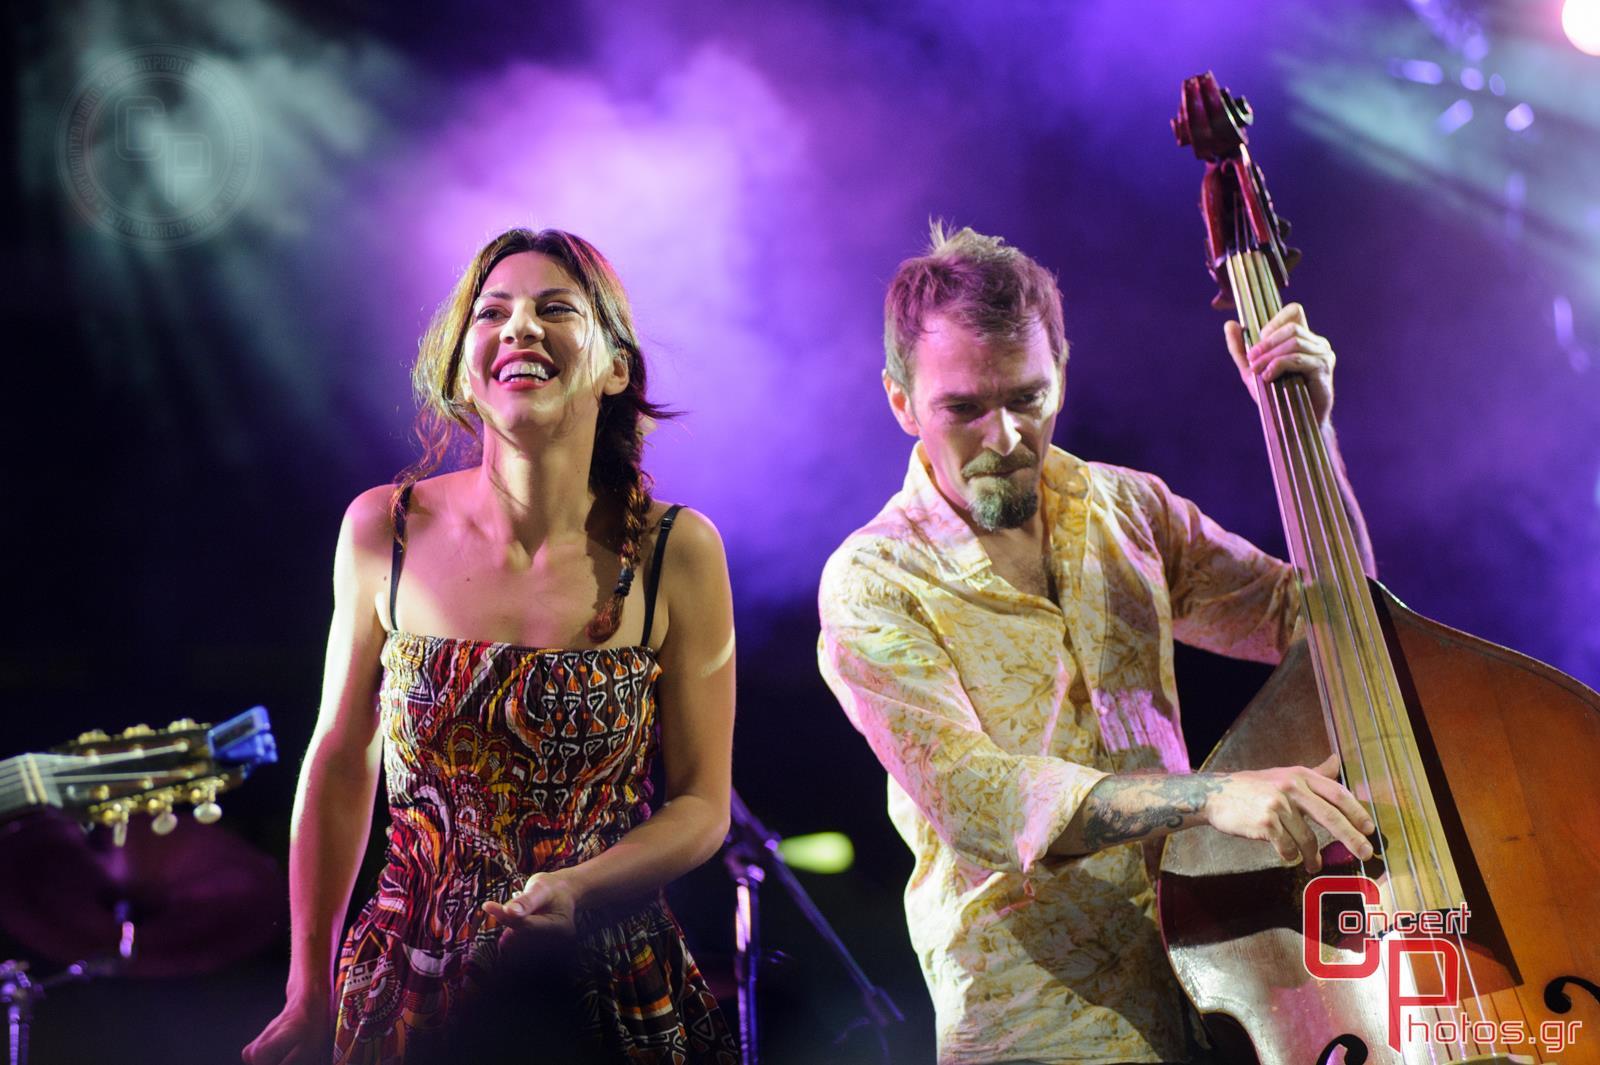 Μία συναυλία για τη Σχεδία 2014-Sxedia 2014 photographer:  - concertphotos_20140526_22_56_38